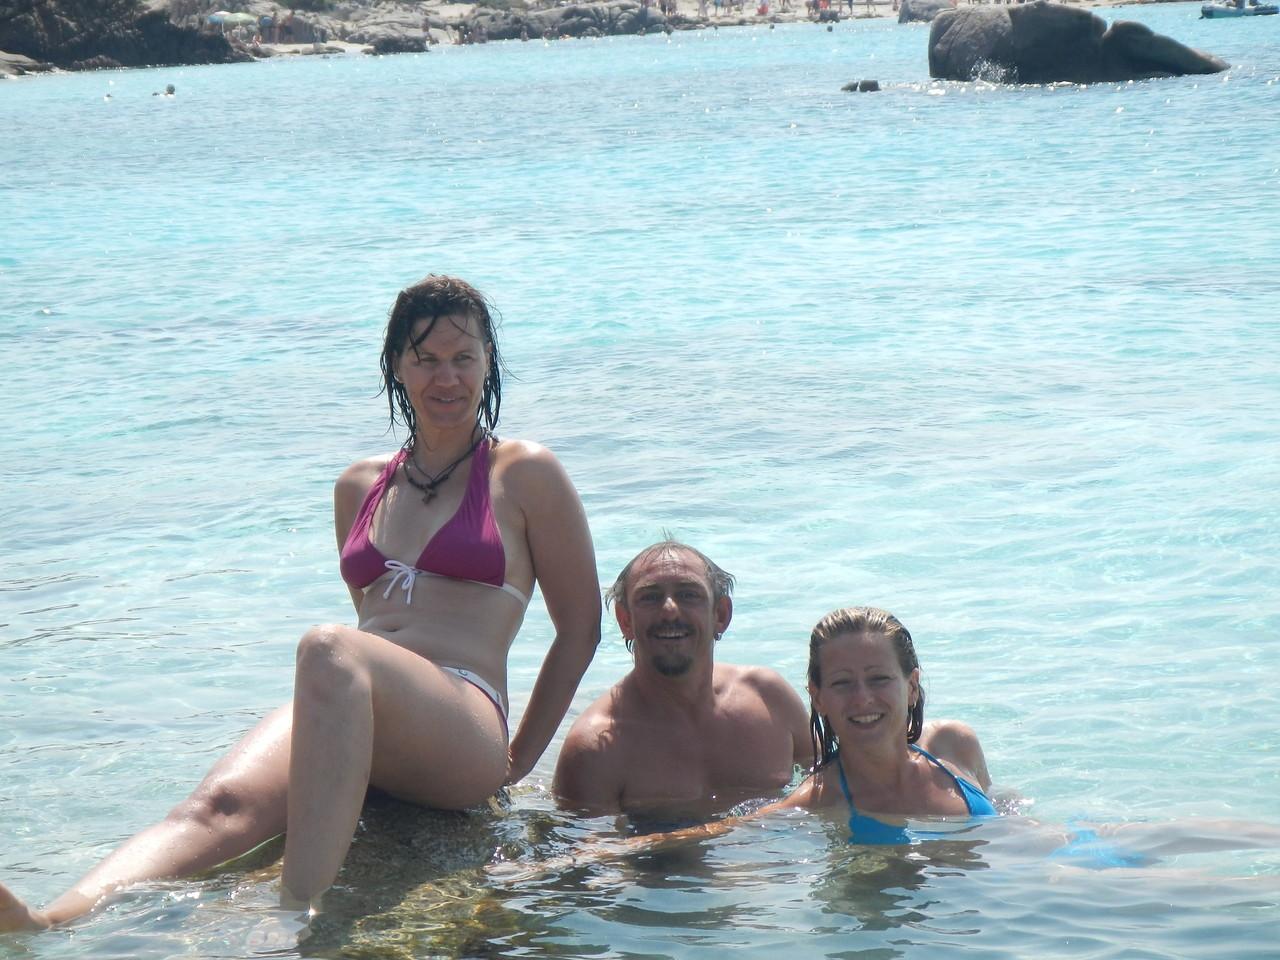 Der Skipper mit den Bondgirls, klar das er da so breit grinst ...